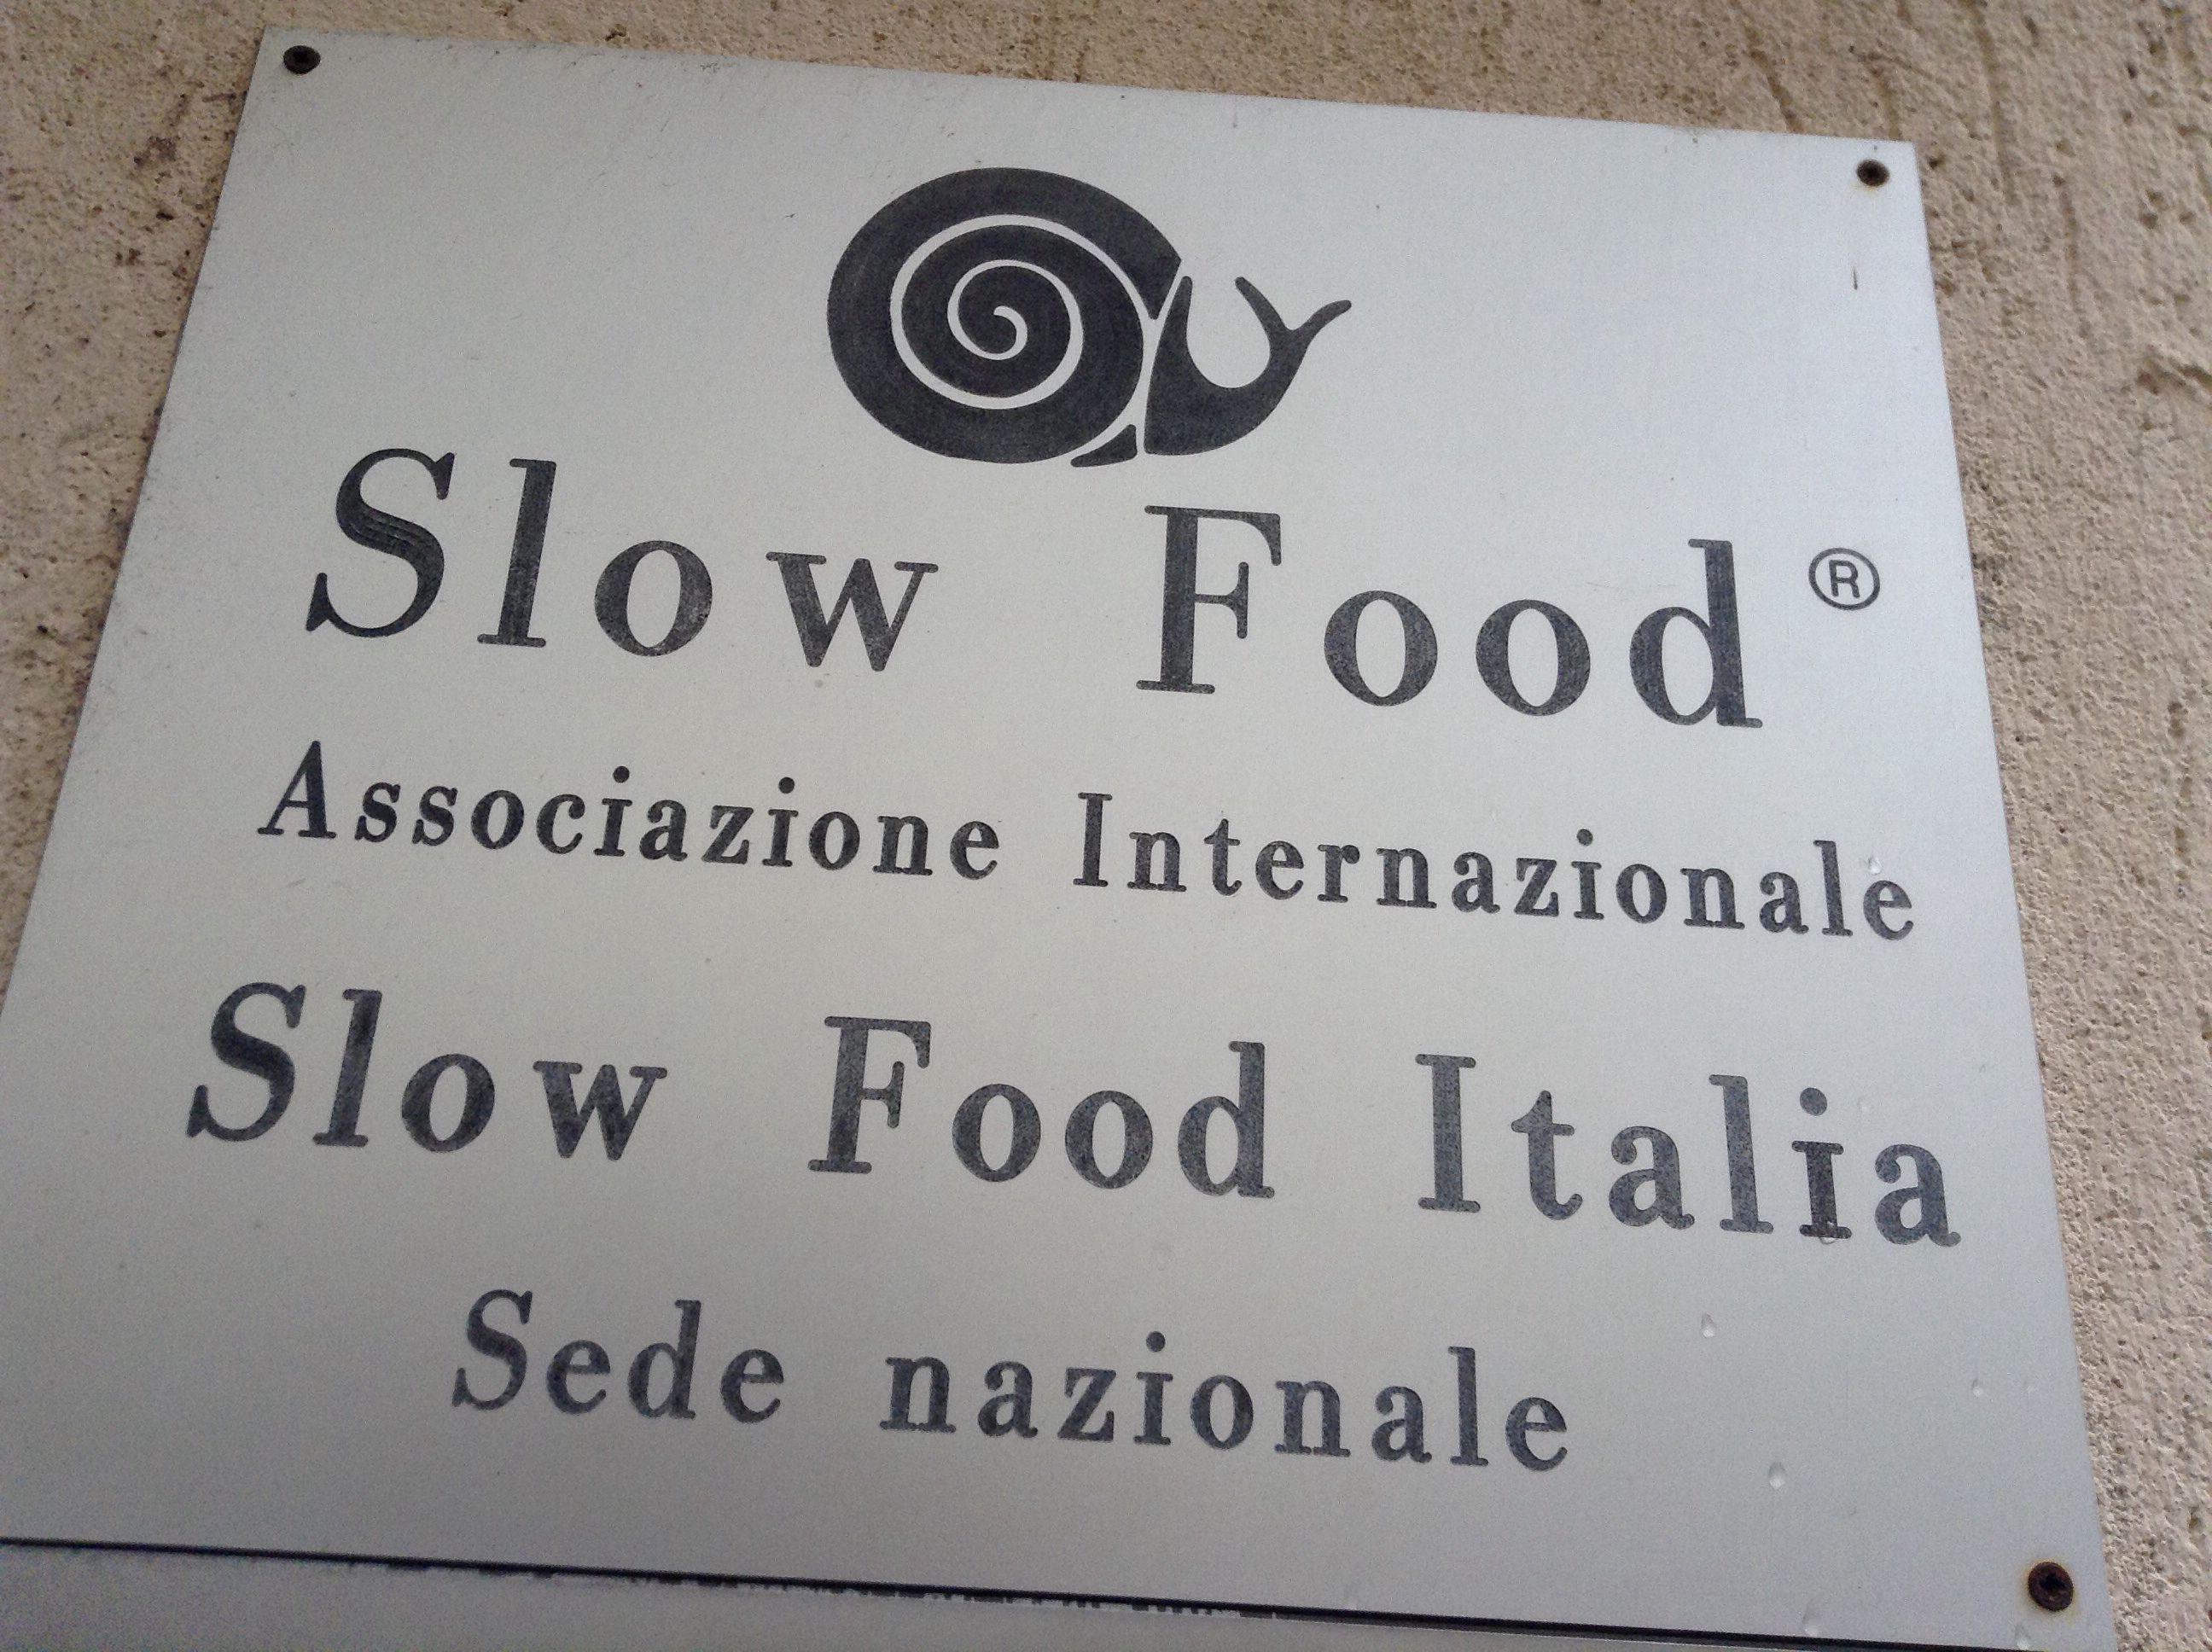 Slow food head office in Bra